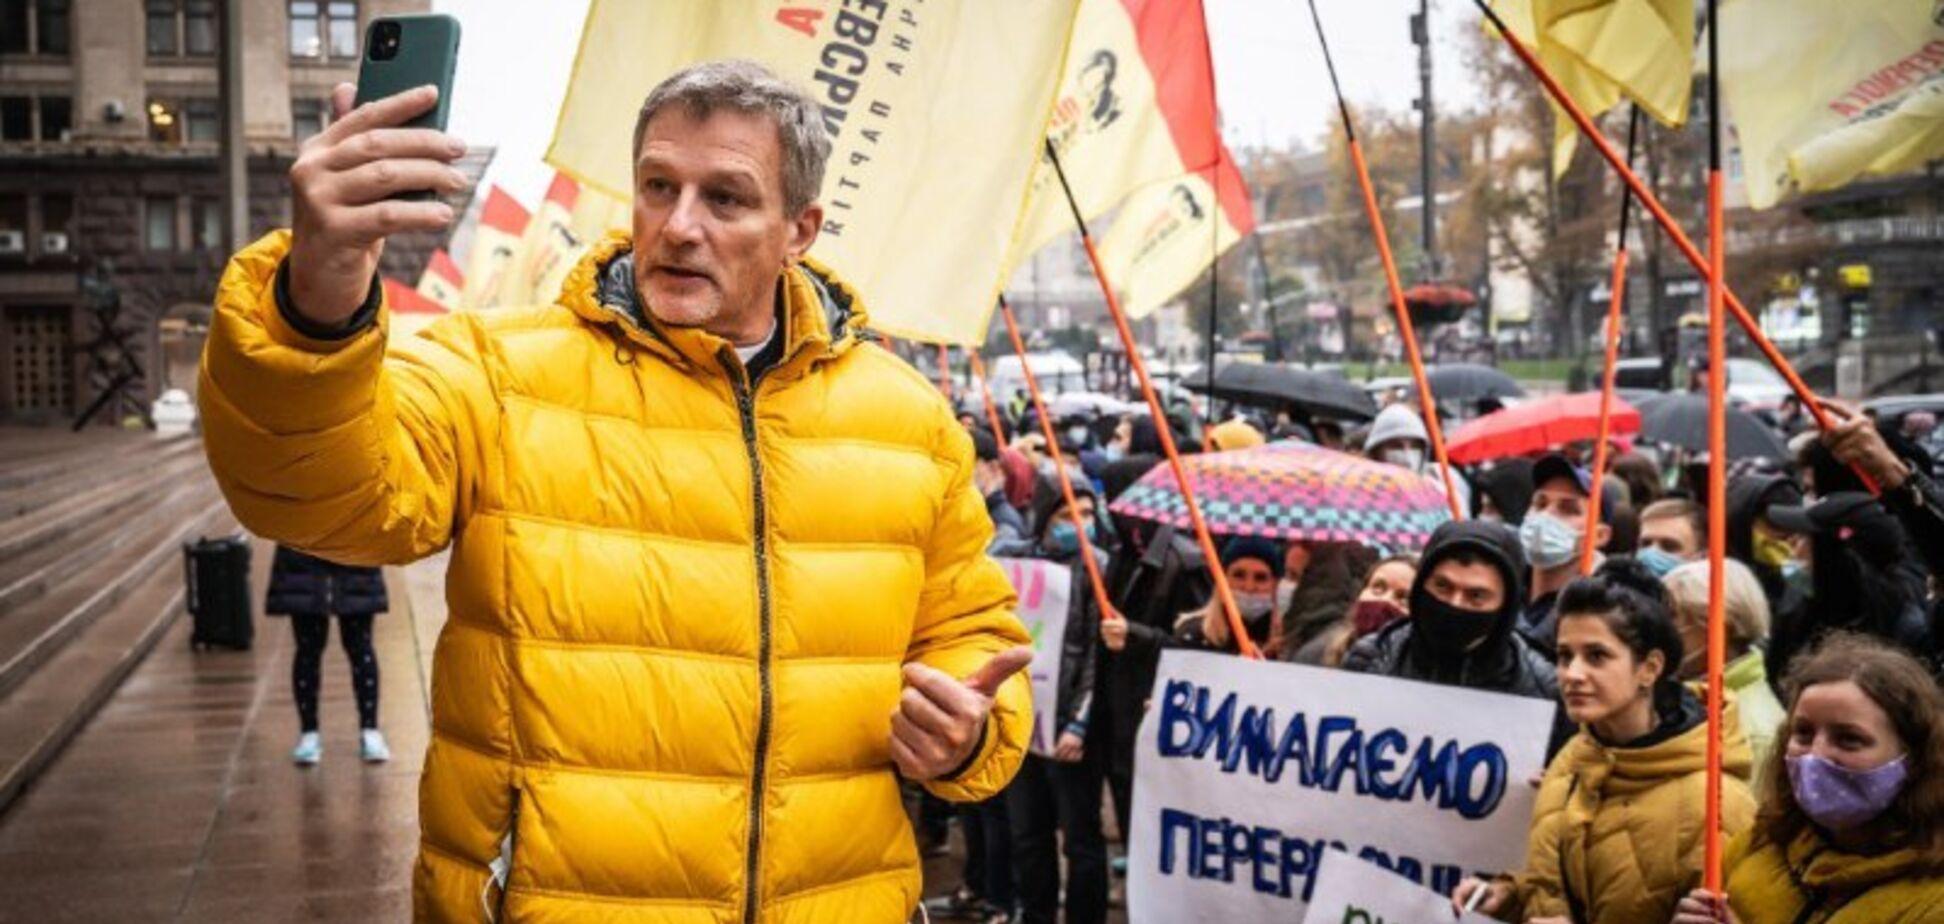 Андрій Пальчевський разом з прихильниками вимагає перевиборів під стінами КМДА